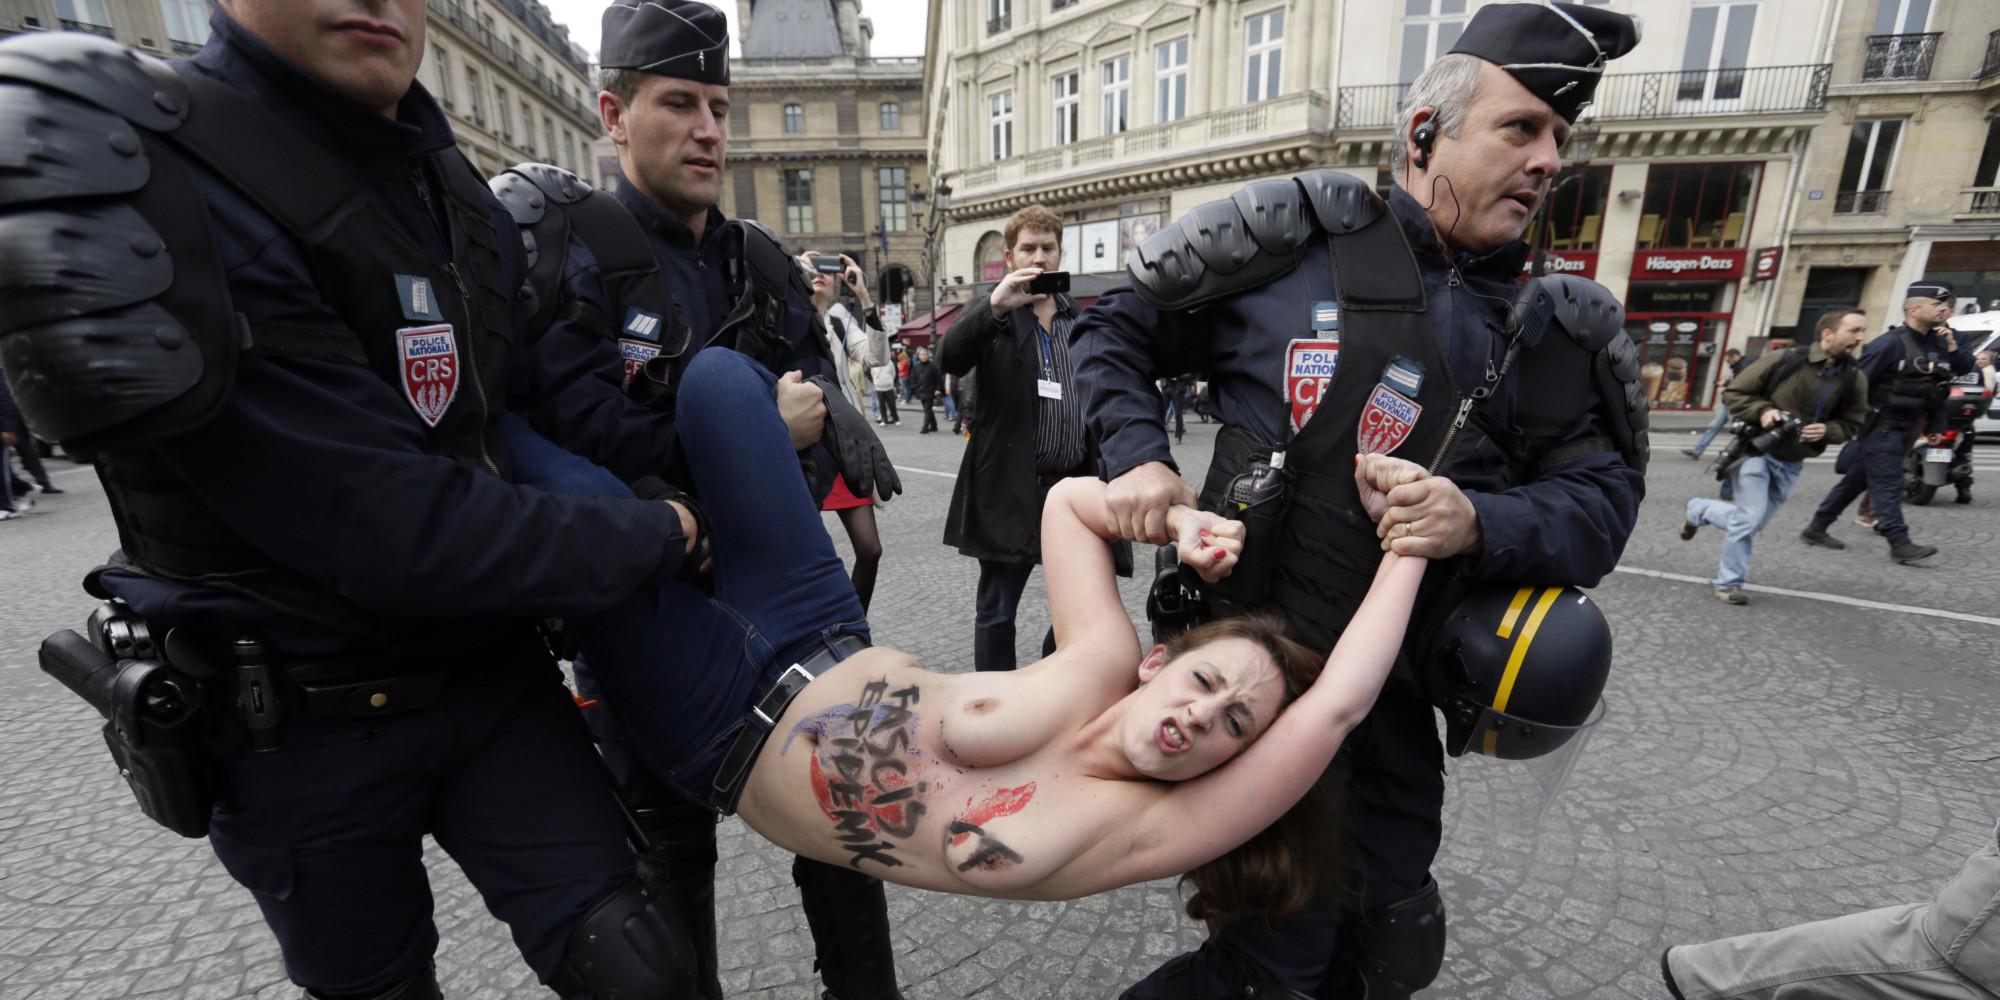 警察に現行犯逮捕されている全裸の女性がとてもシュール。(※画像あり)・14枚目